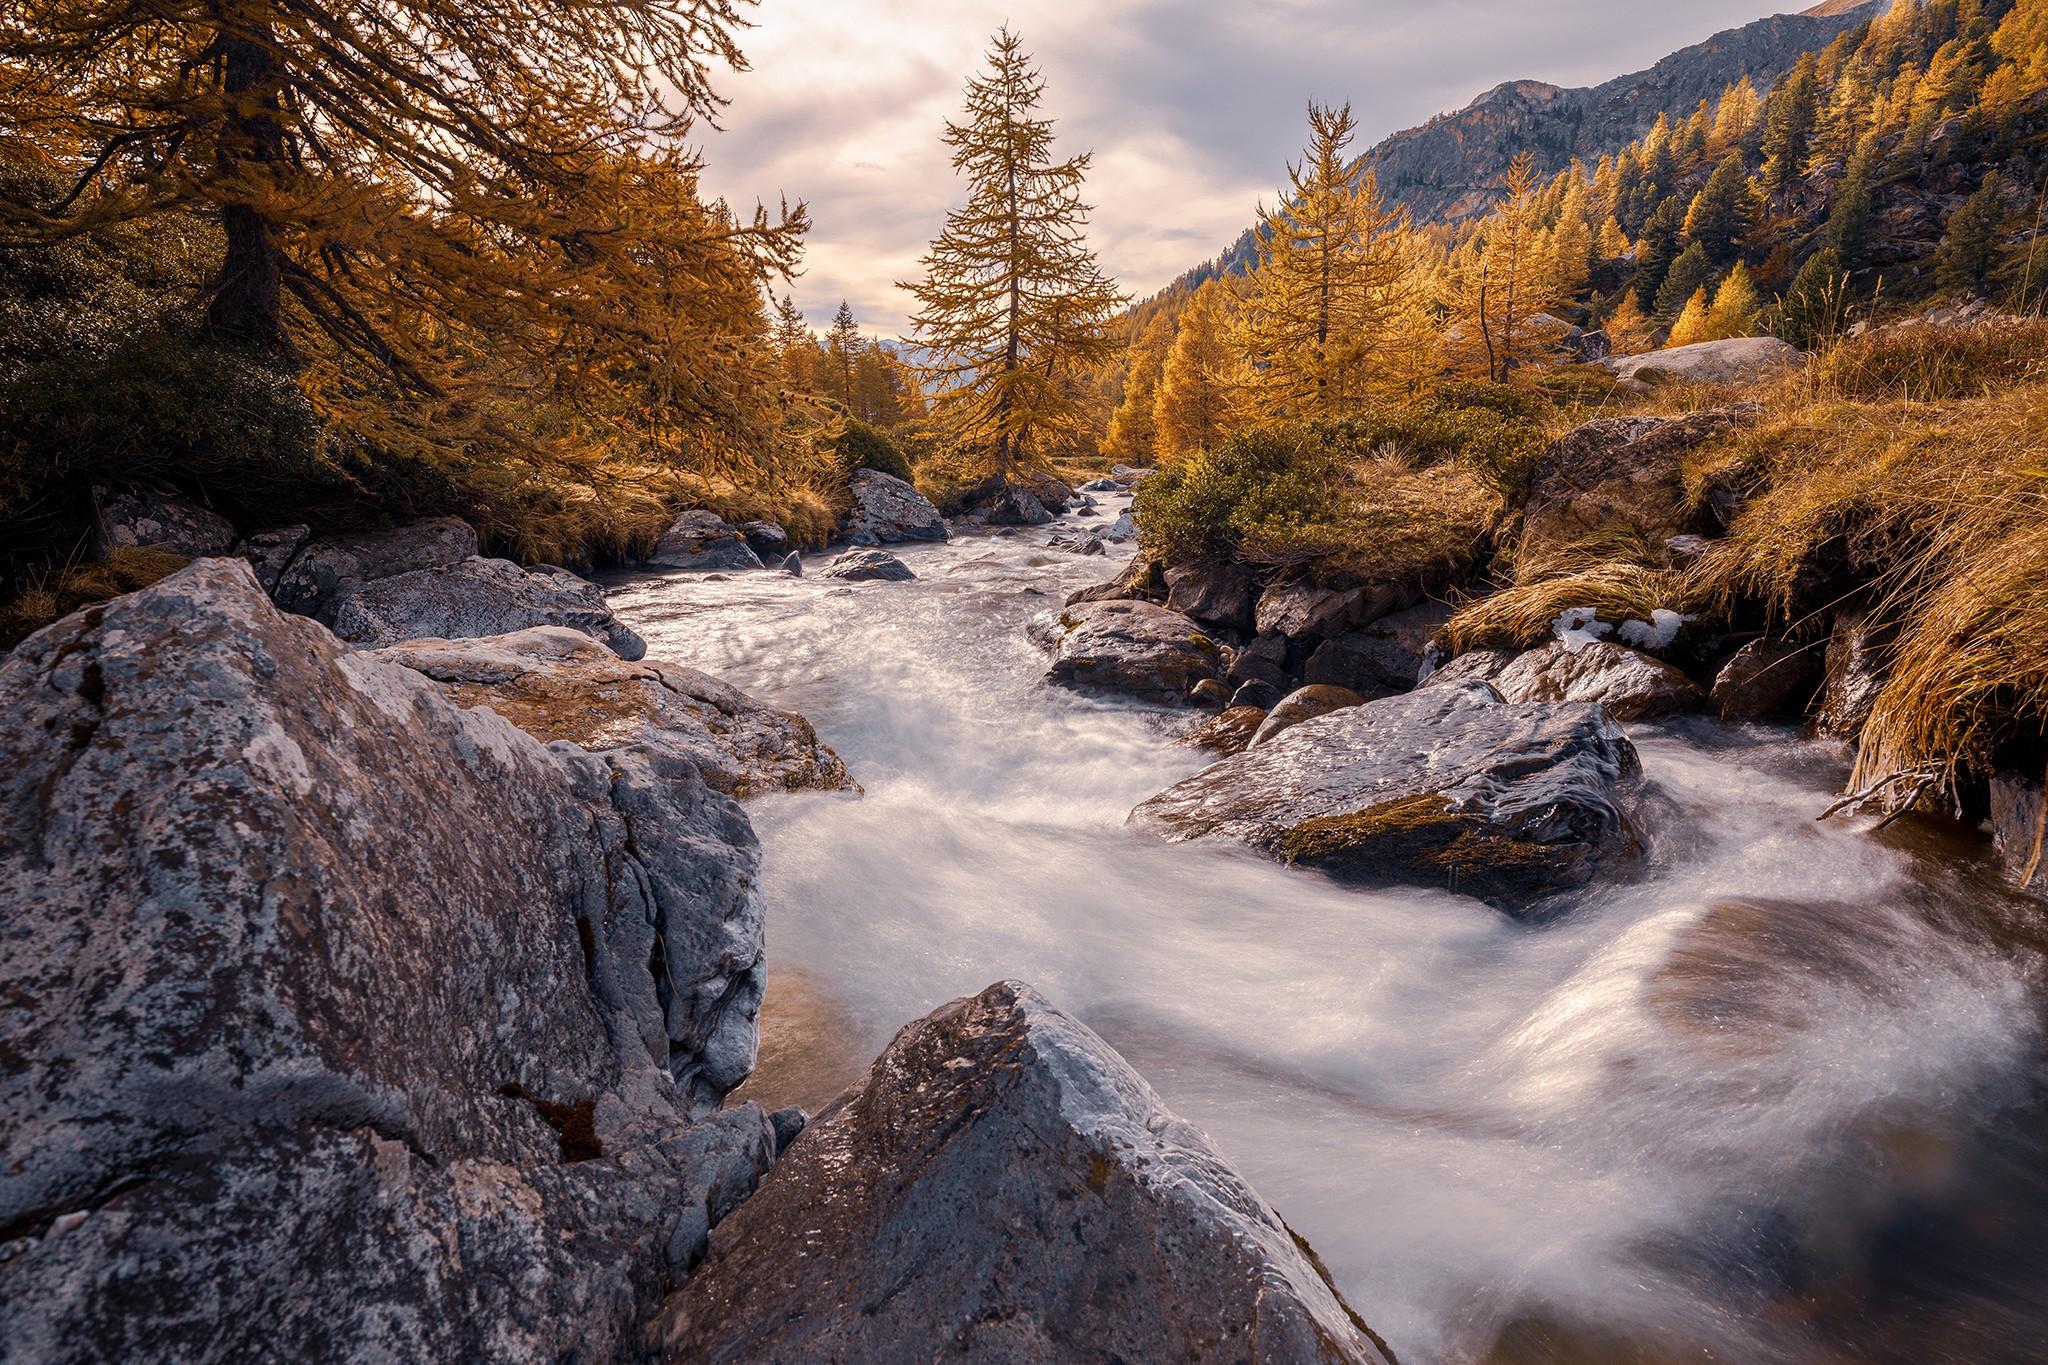 La vallée de la Clarée à l'automne en pose longue | Hautes-Alpes © Pierre ROLIN - Photographe Nancy - Lorraine / Grand Est